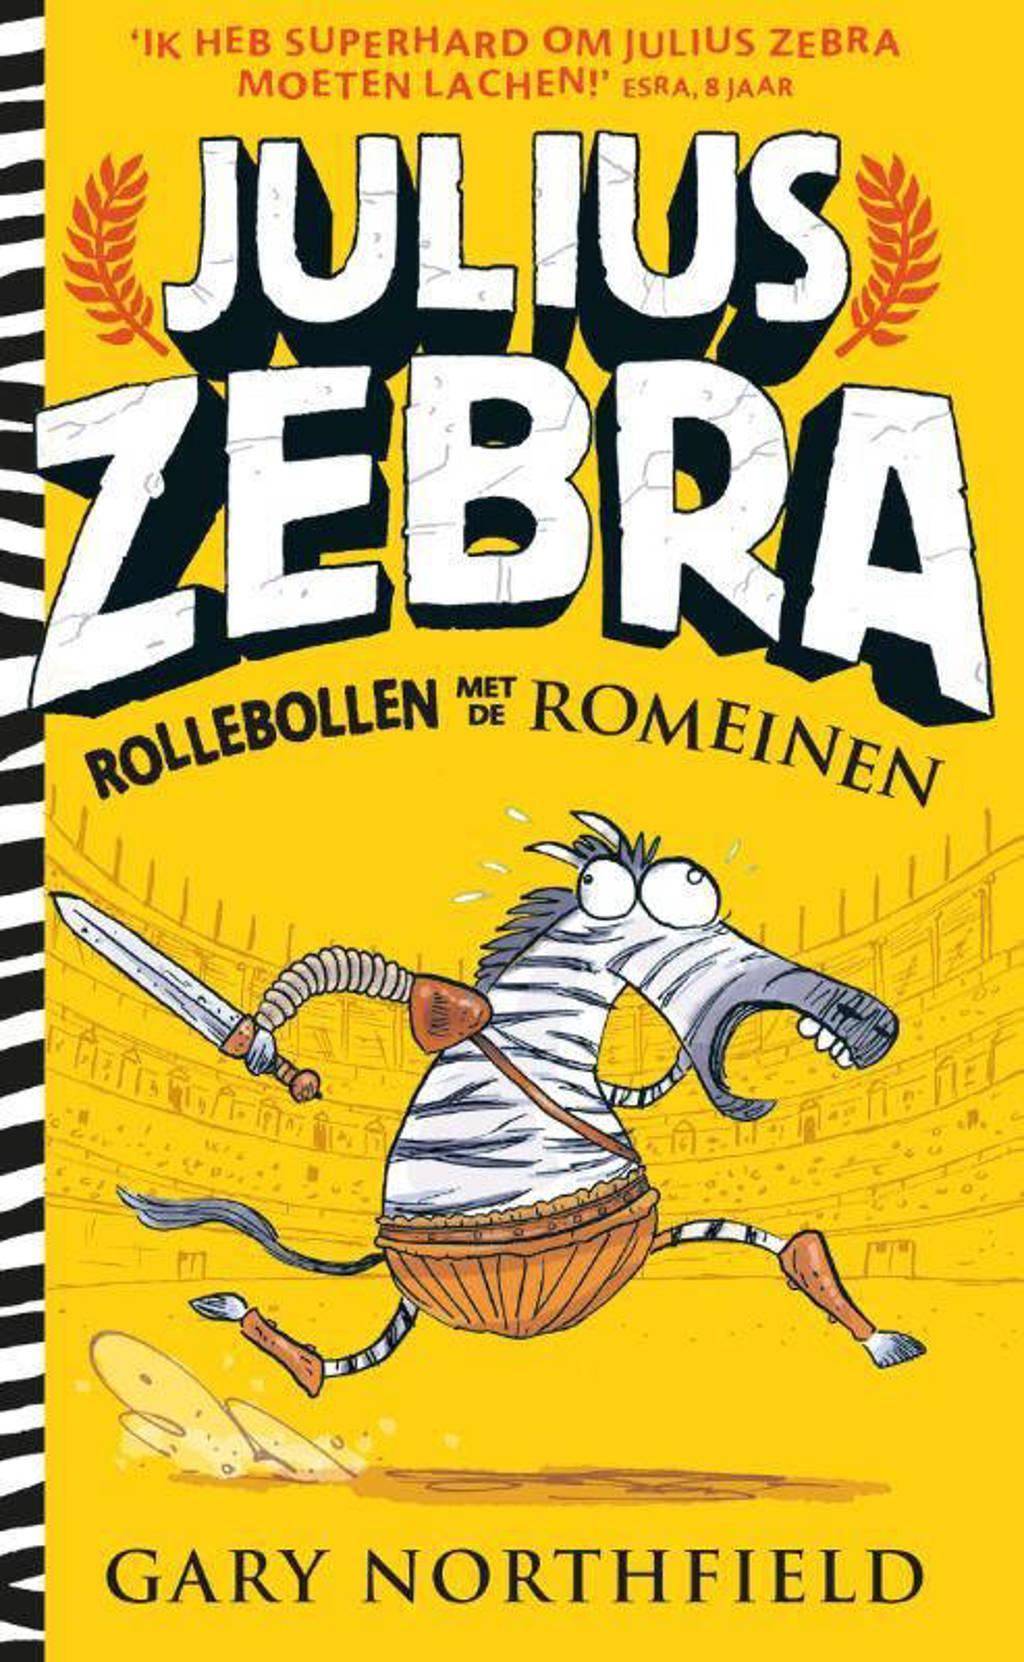 Julius Zebra: Rollebollen met de Romeinen - Gary Northfield